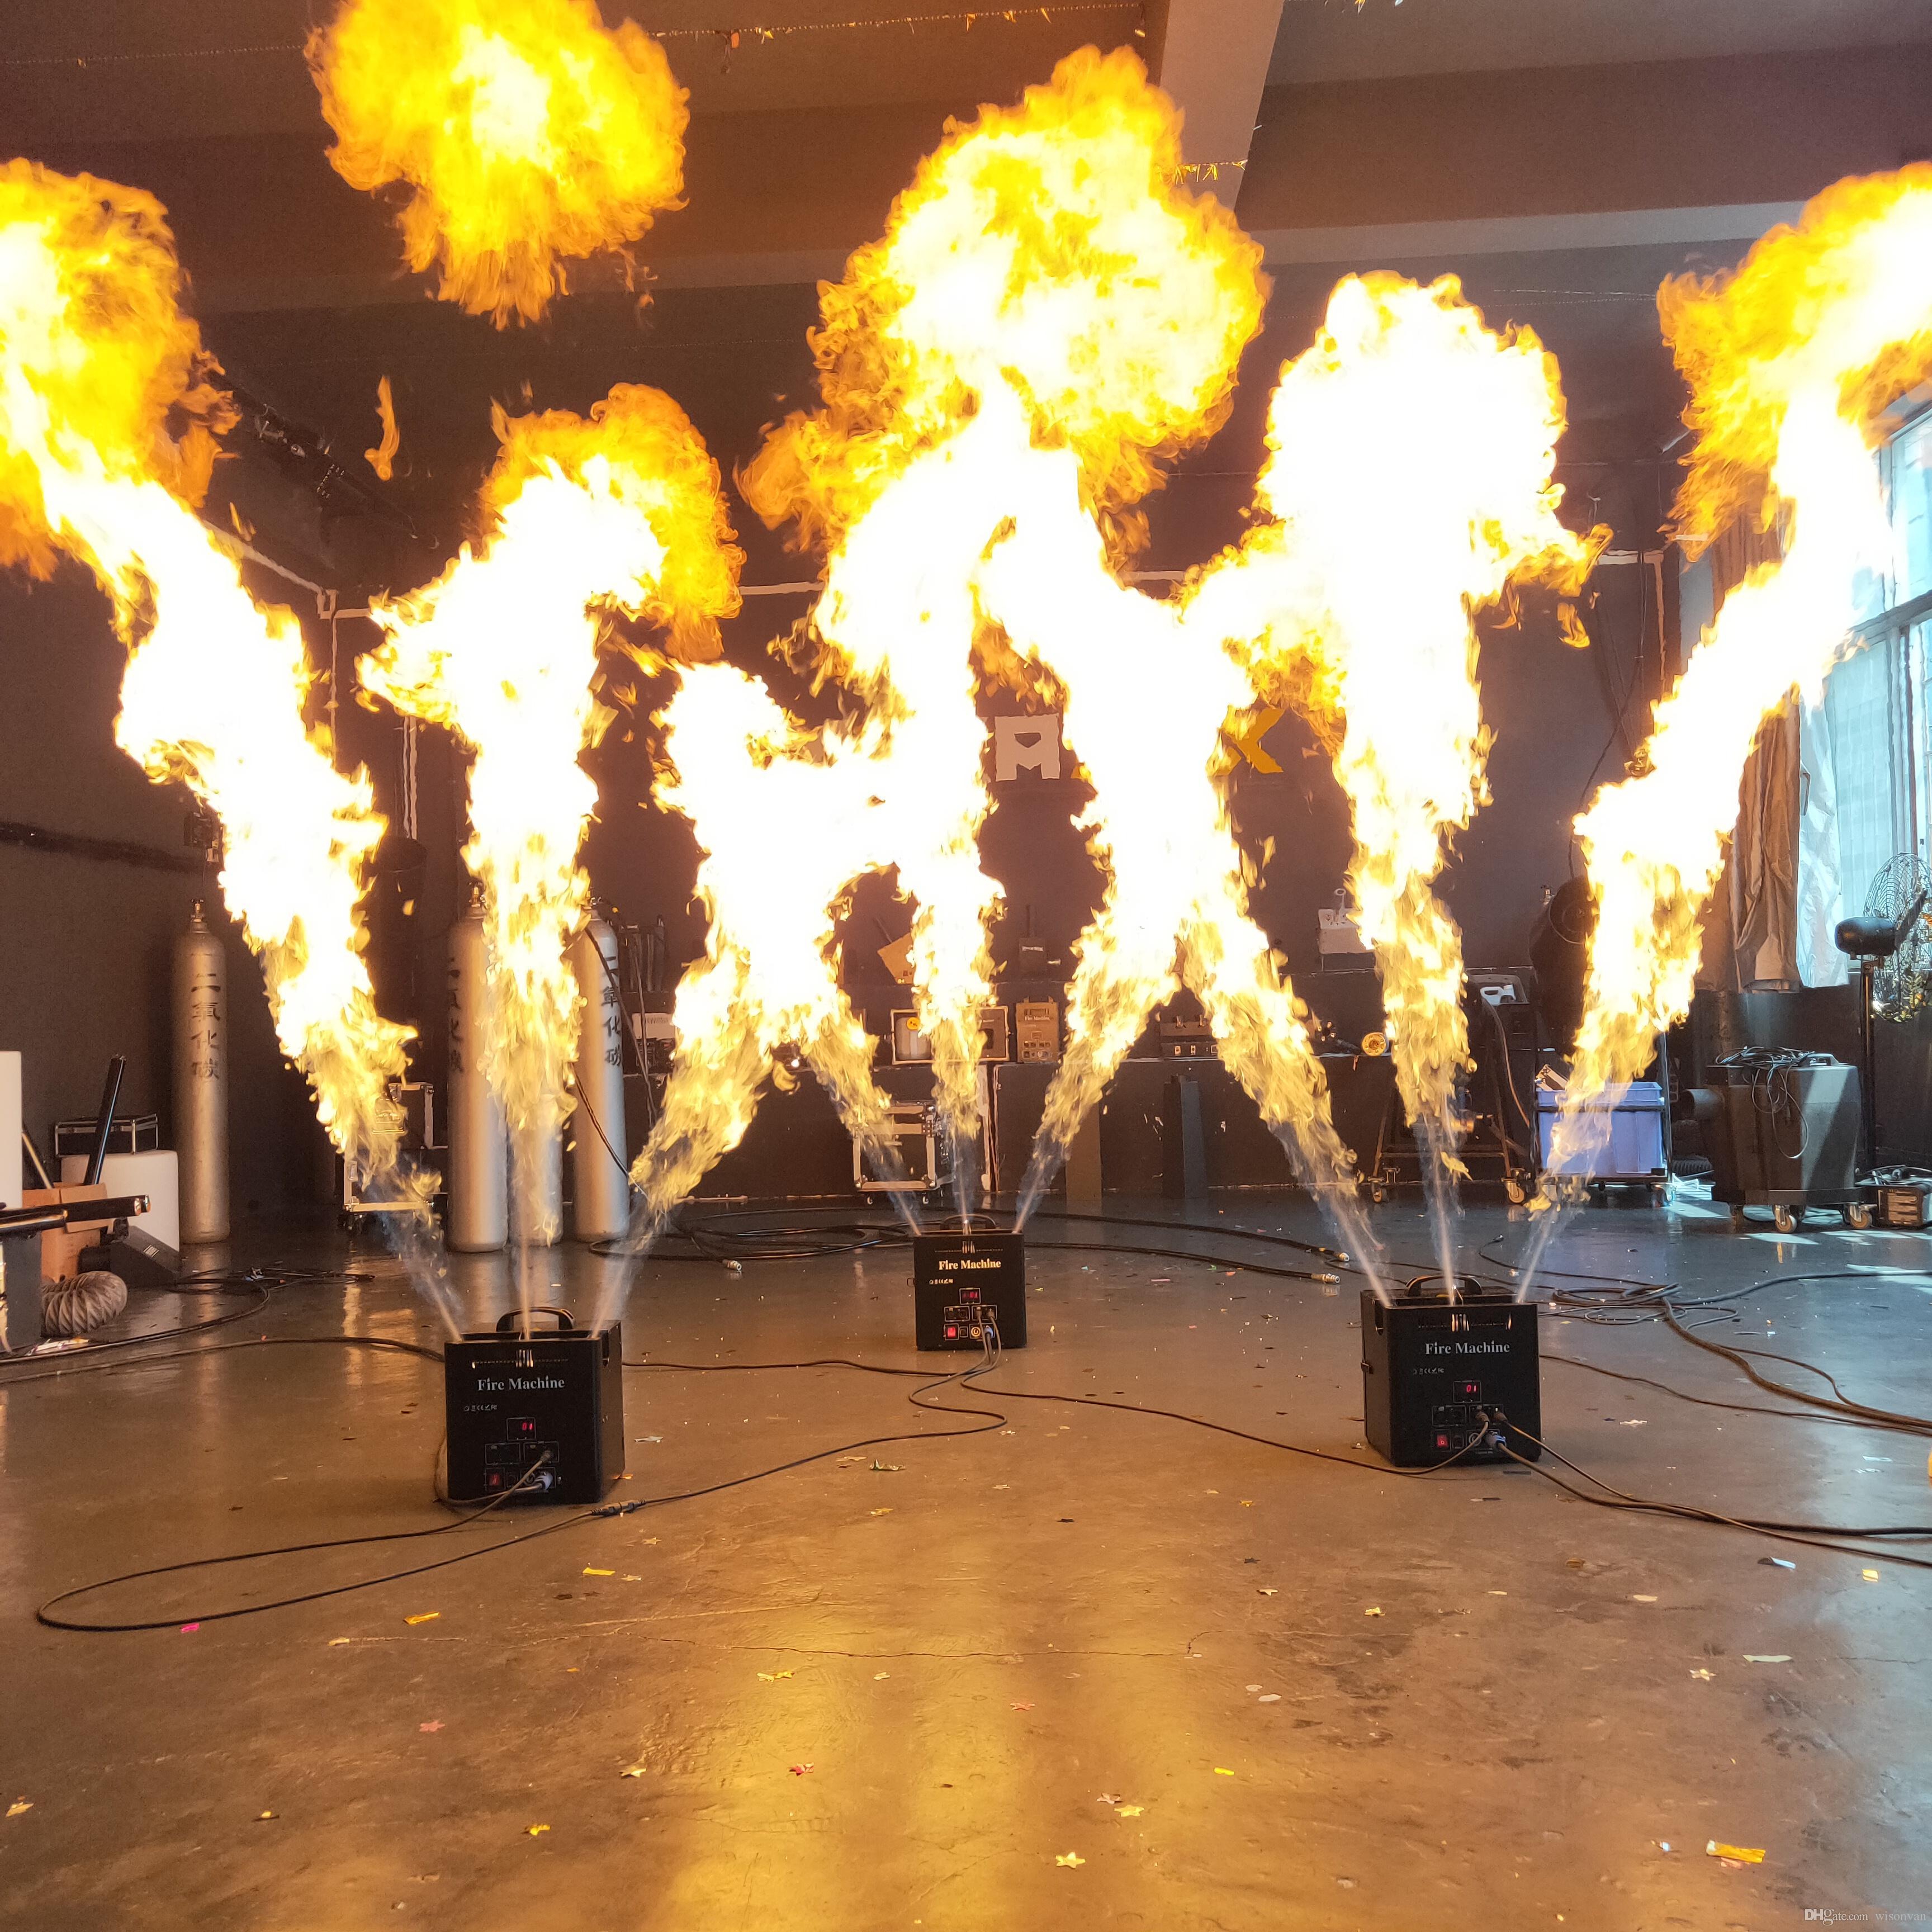 Stage Triple Way Flame Projector DMX Пожарная машина Открытый DJ Flame Machine 5 DMX Каналы Высококачественный клапан ЖК-дисплей